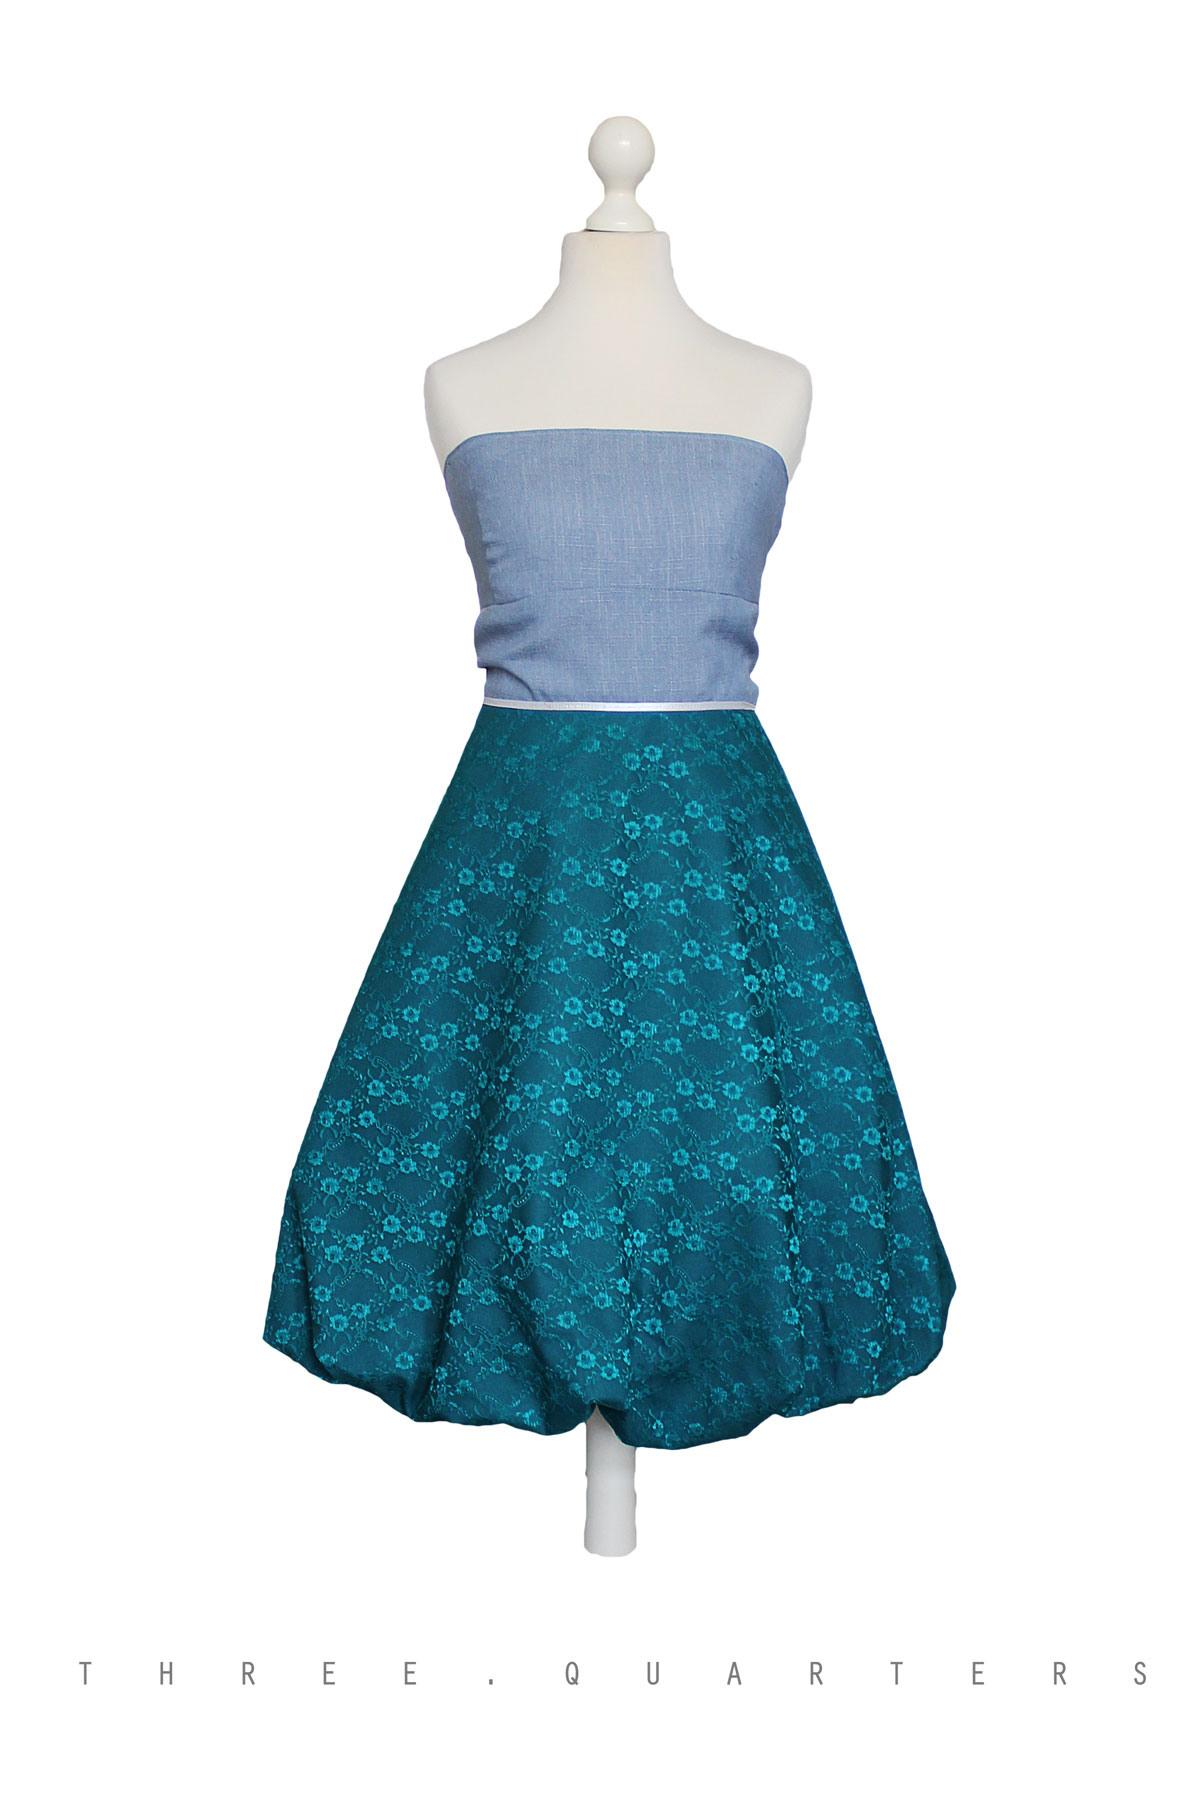 Three-Quarters - Kleid, Spitzenkleid, Hochzeit